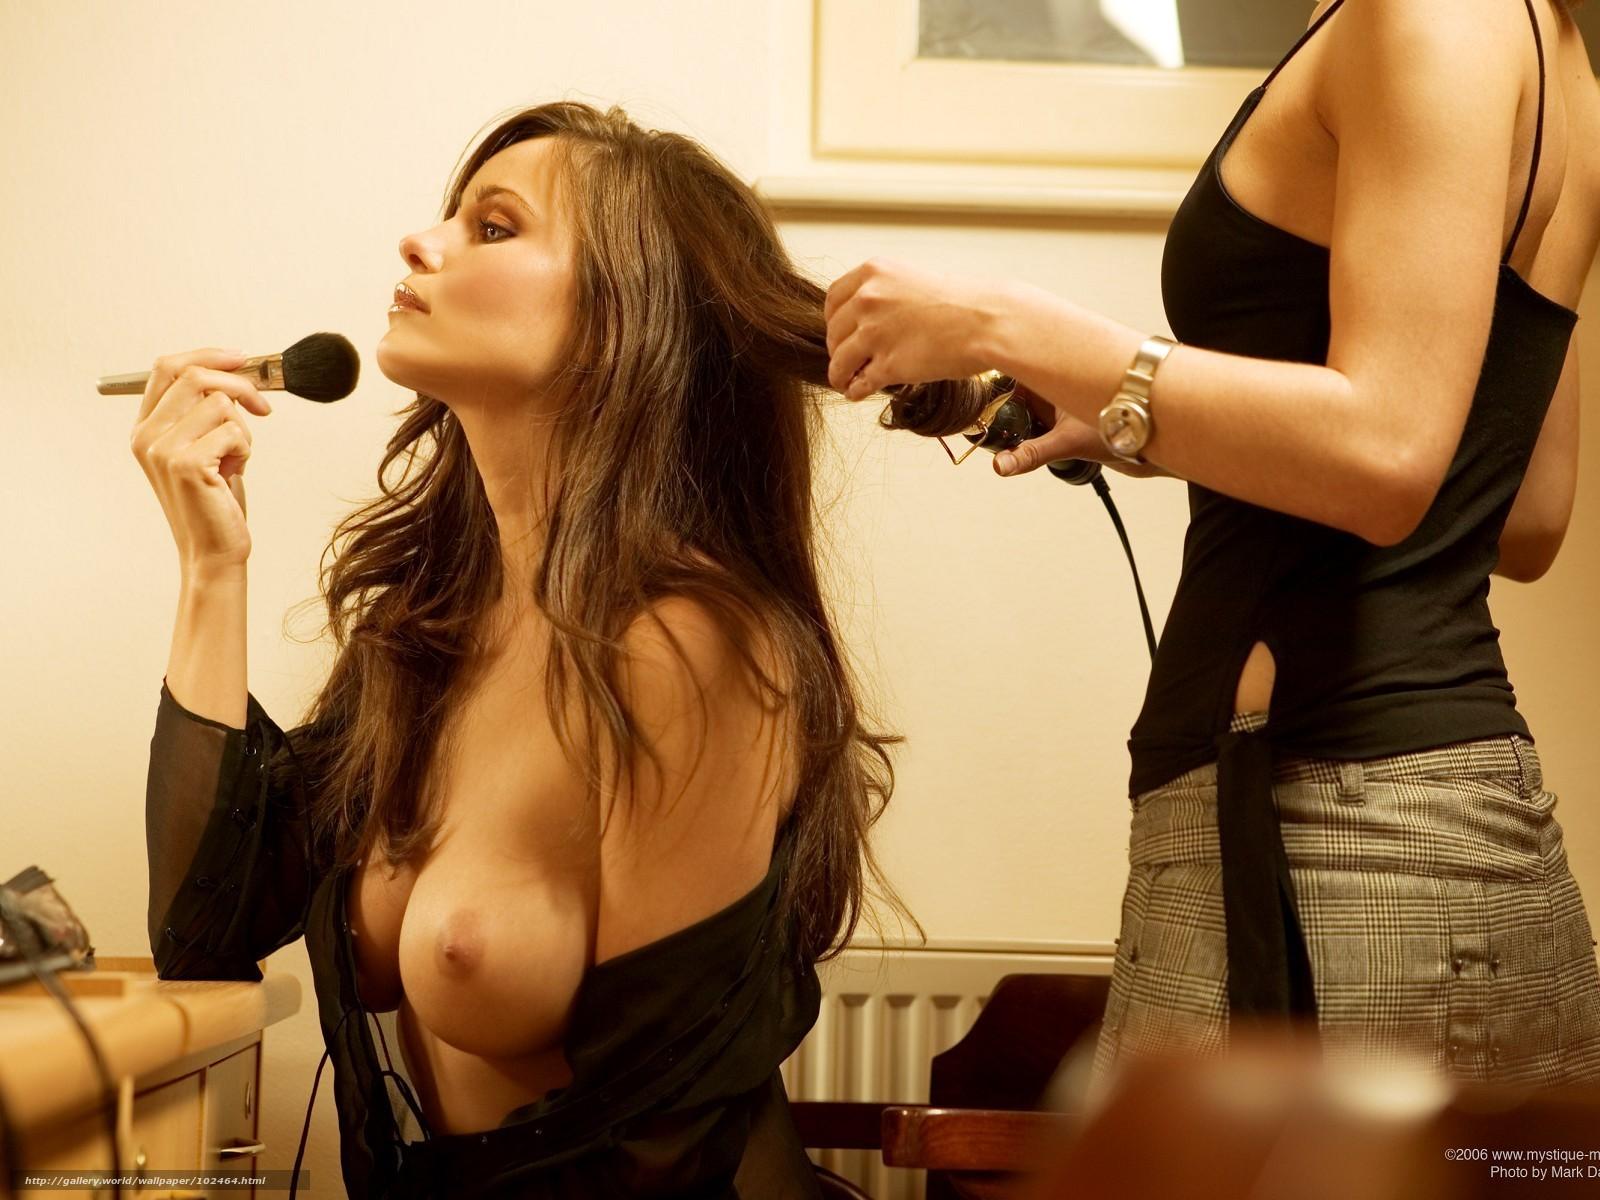 Прически порно актрис 17 фотография